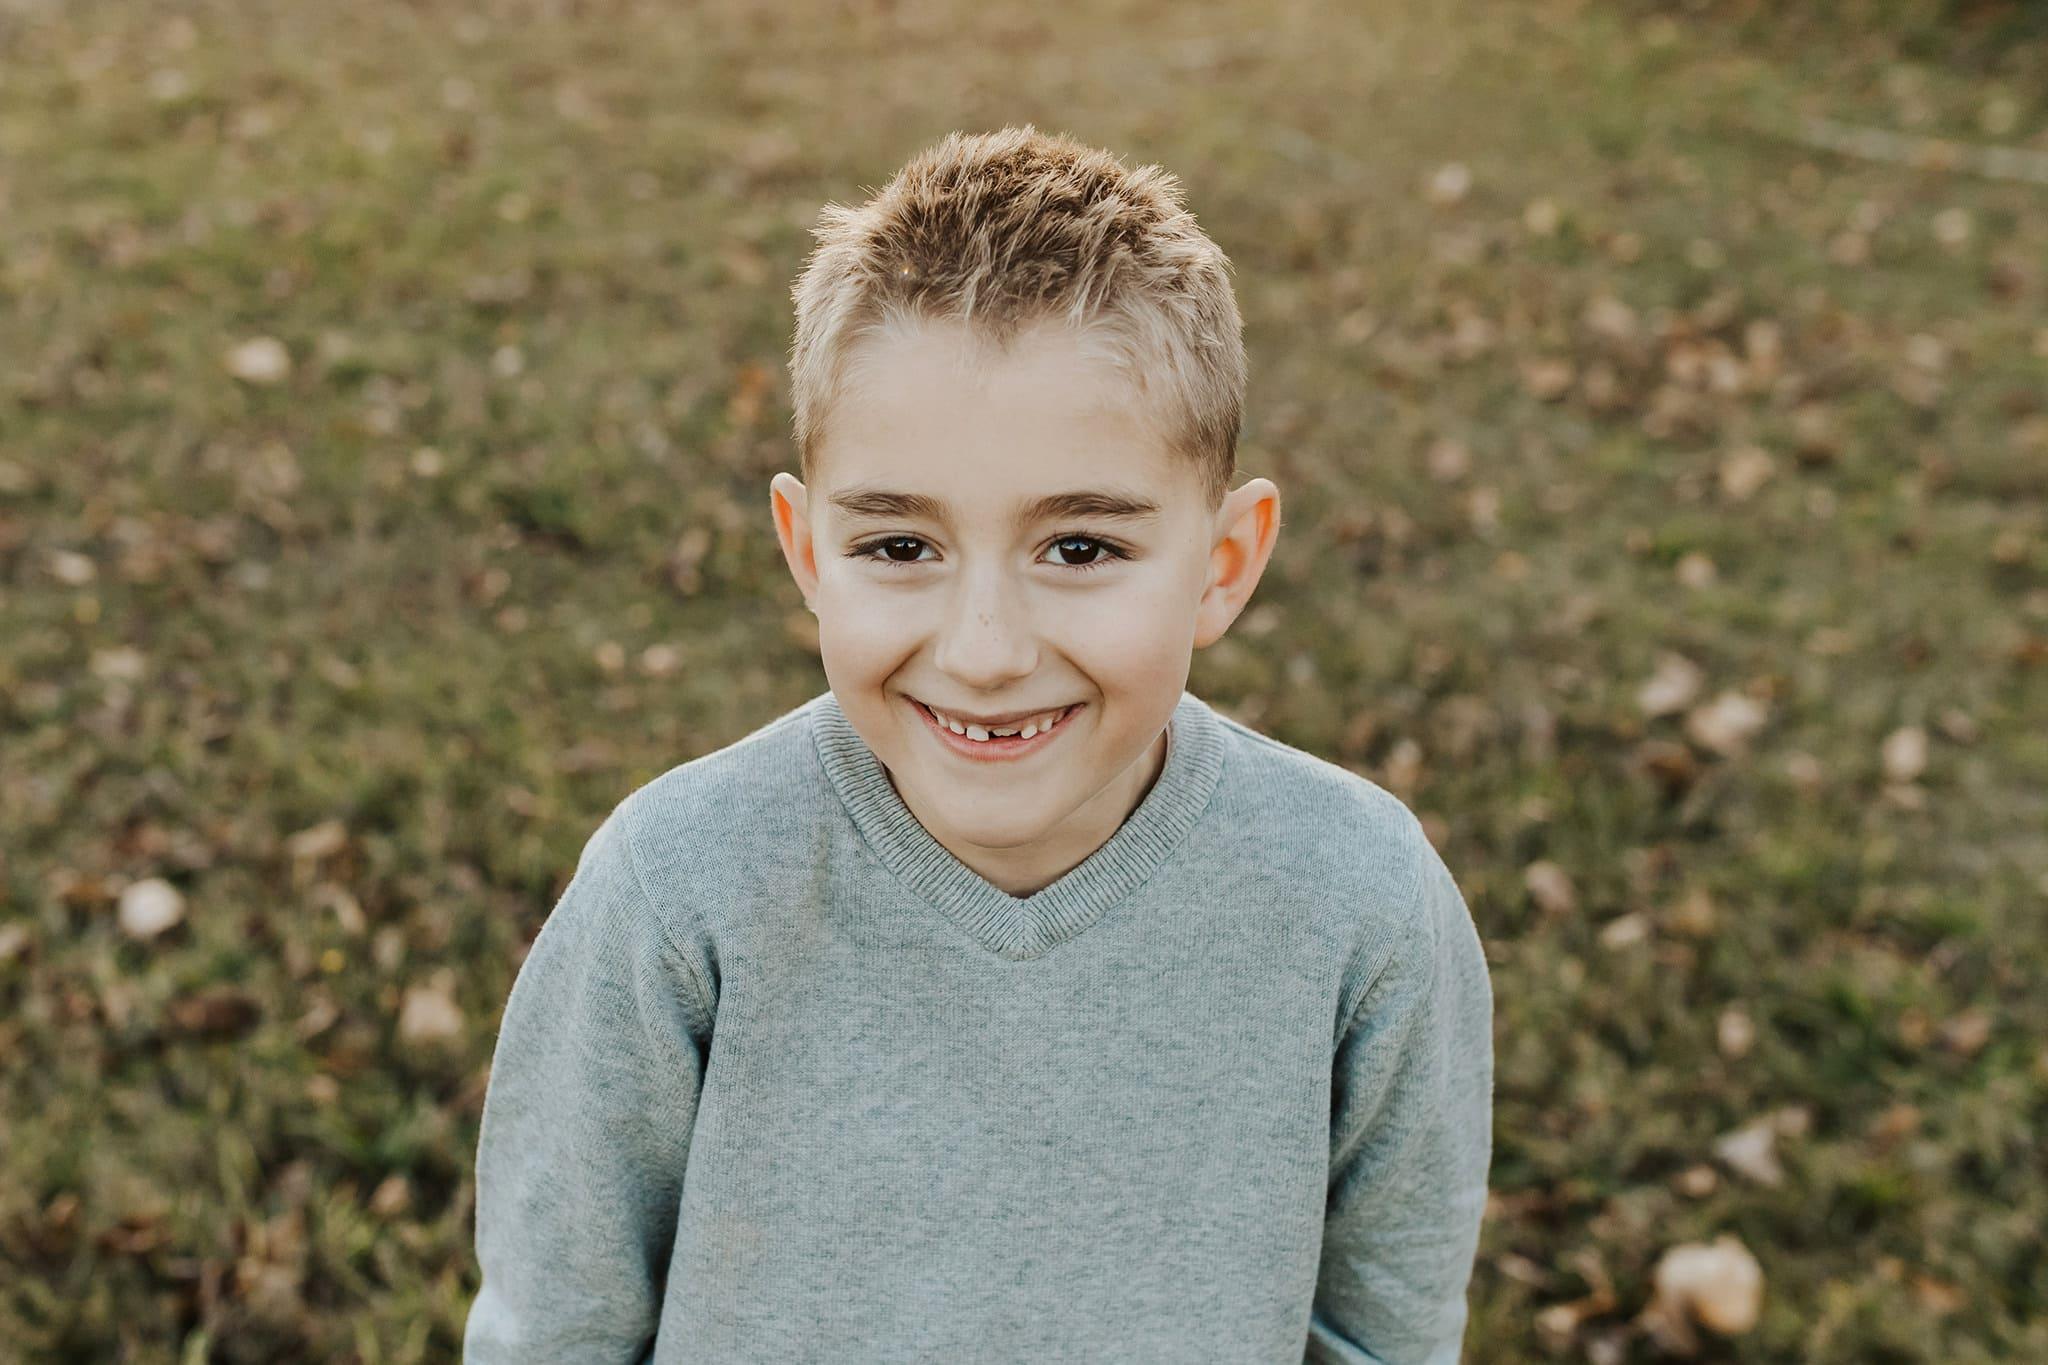 Sweet boy smiling